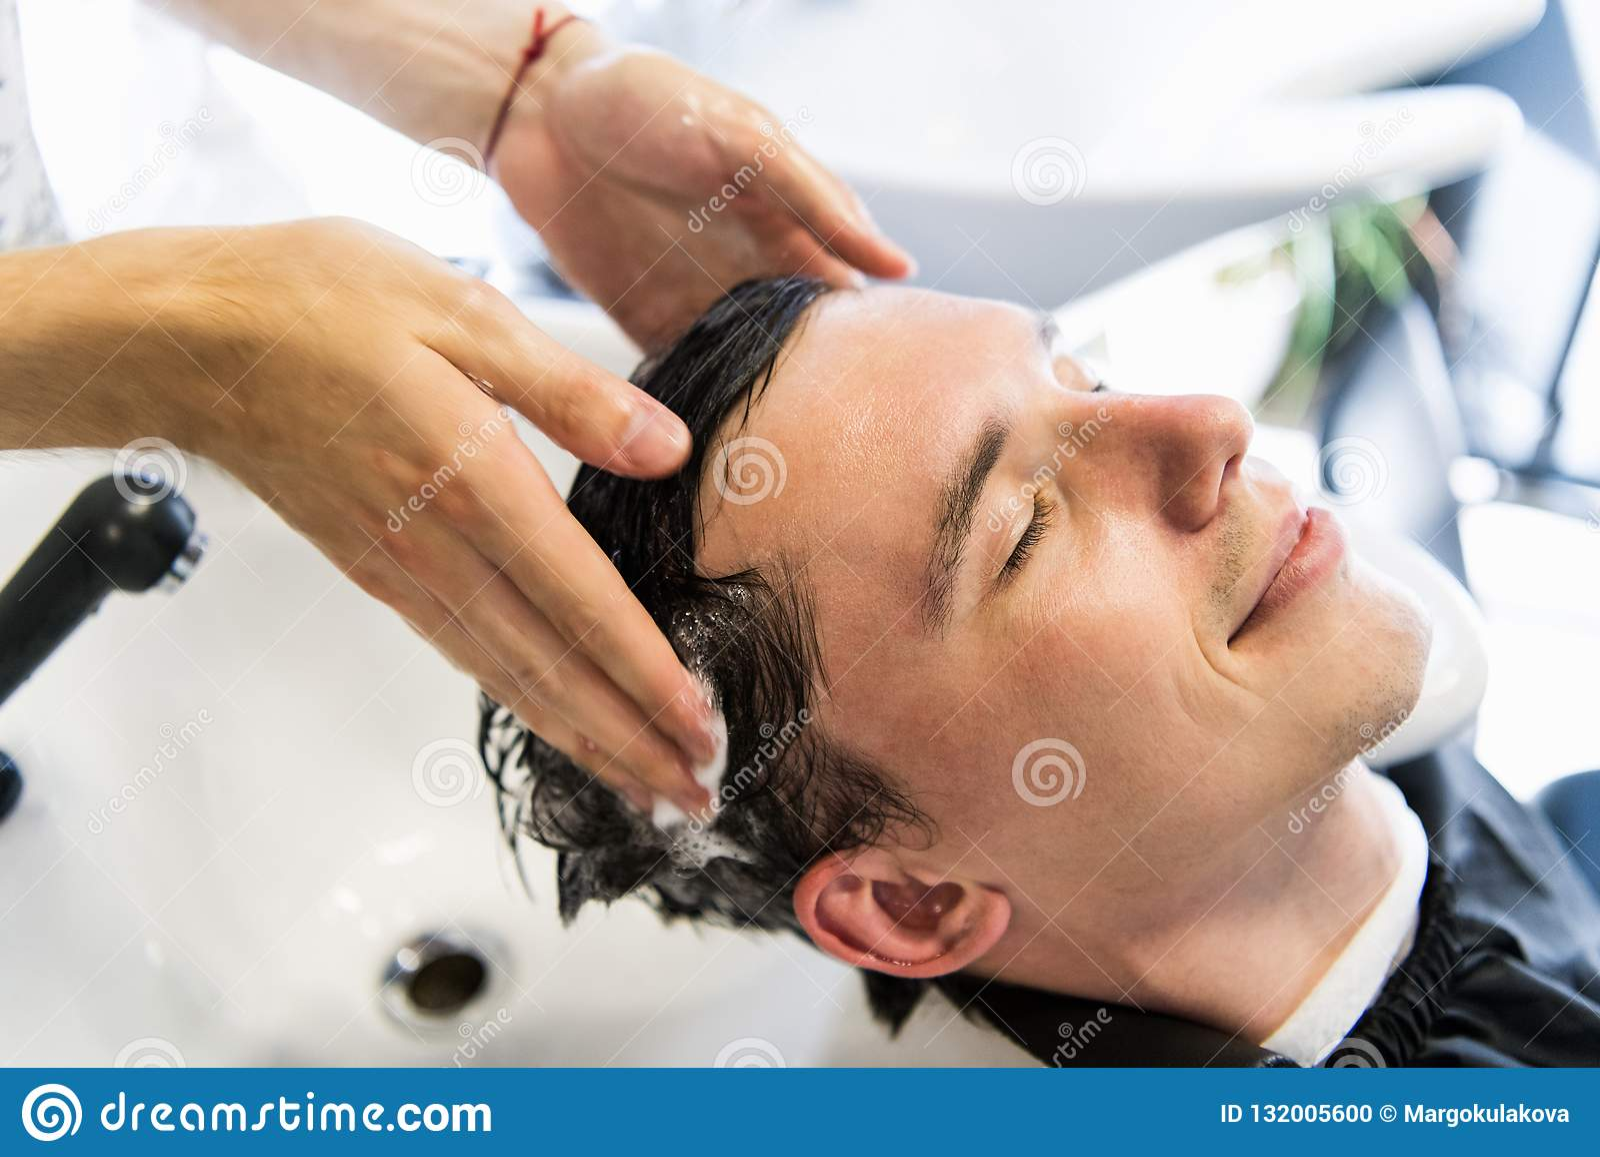 Profilansicht eines jungen Mannes, der sein Haar gewaschen und sein Kopf erhält, massierte in einem Friseursalon